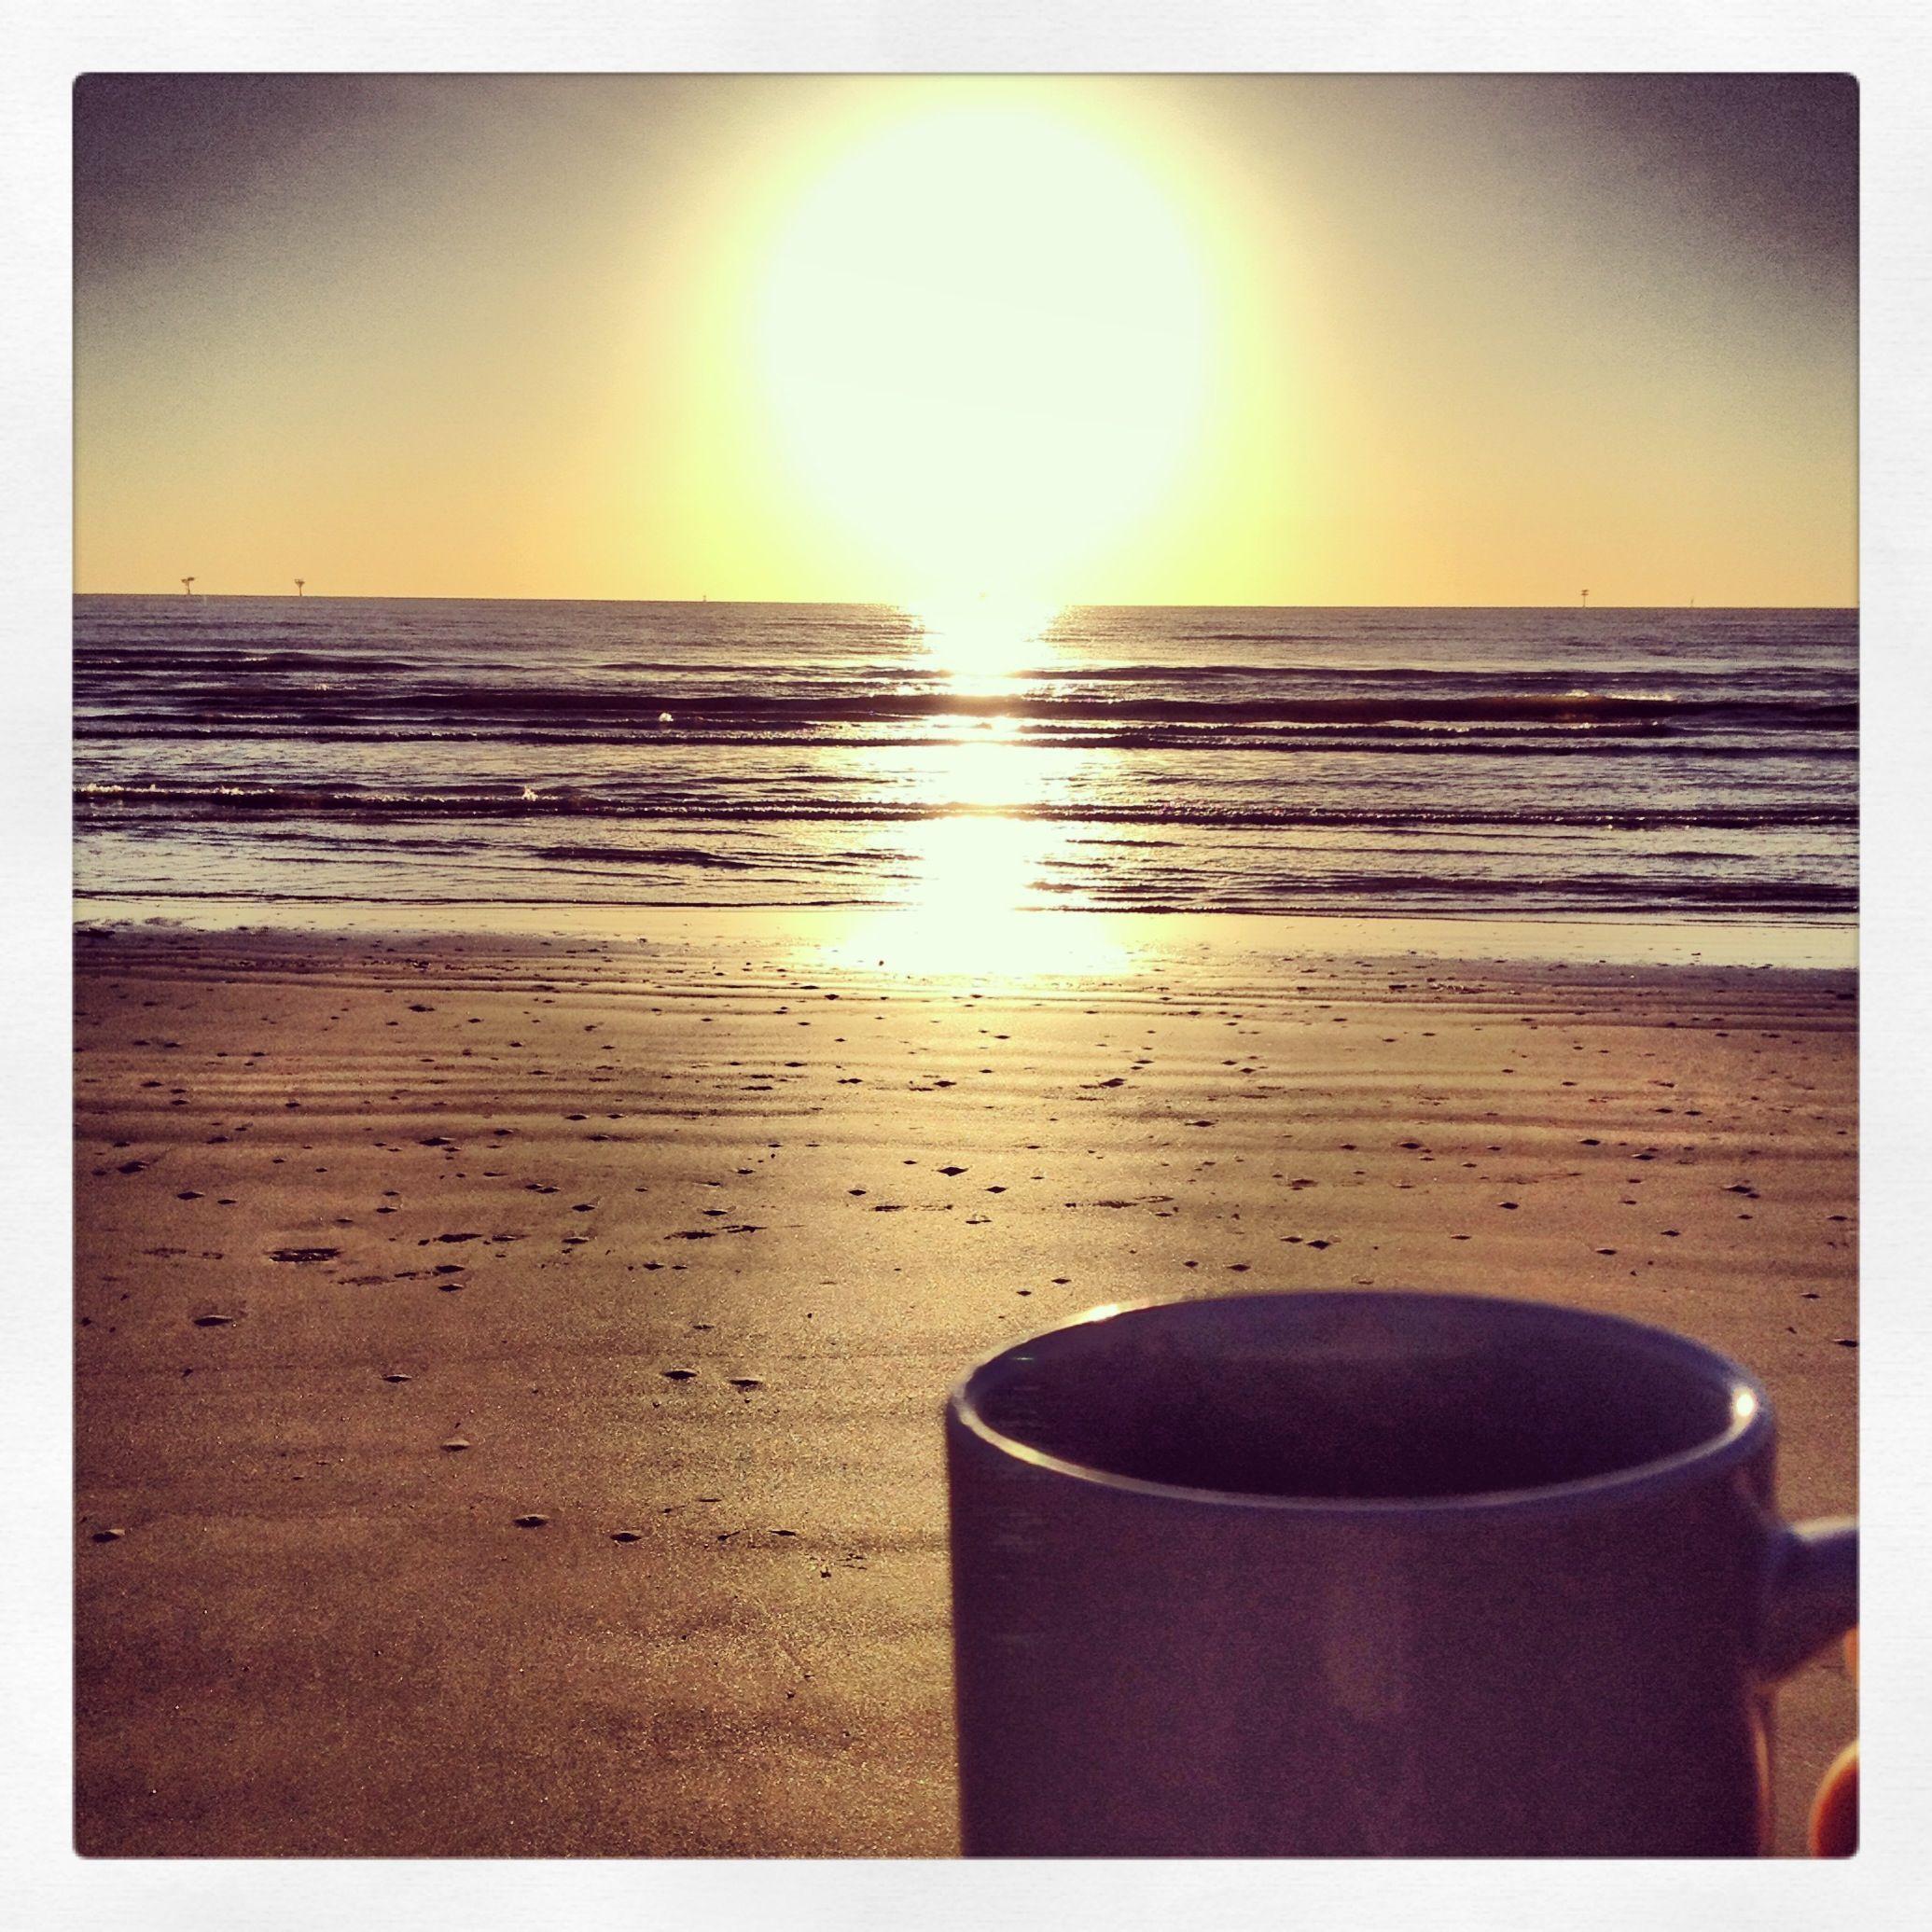 чем дальше доброе утро картинки из песка миндалин, отзывы